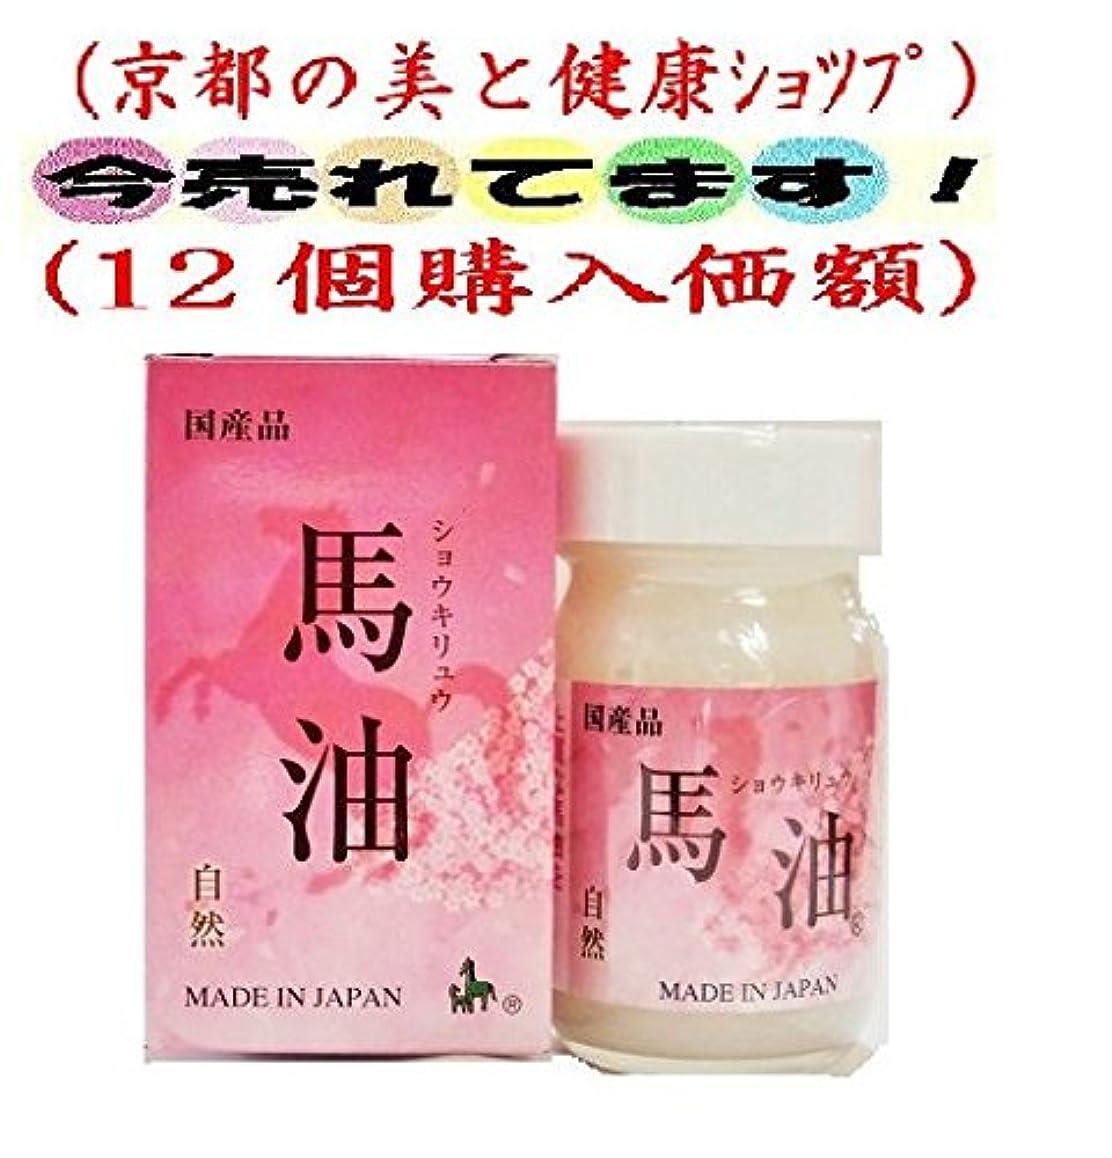 廃止尊敬する追放するショウキリュウ 馬油 自然 70ml (桜 ピンク化粧箱 12個購入価額)